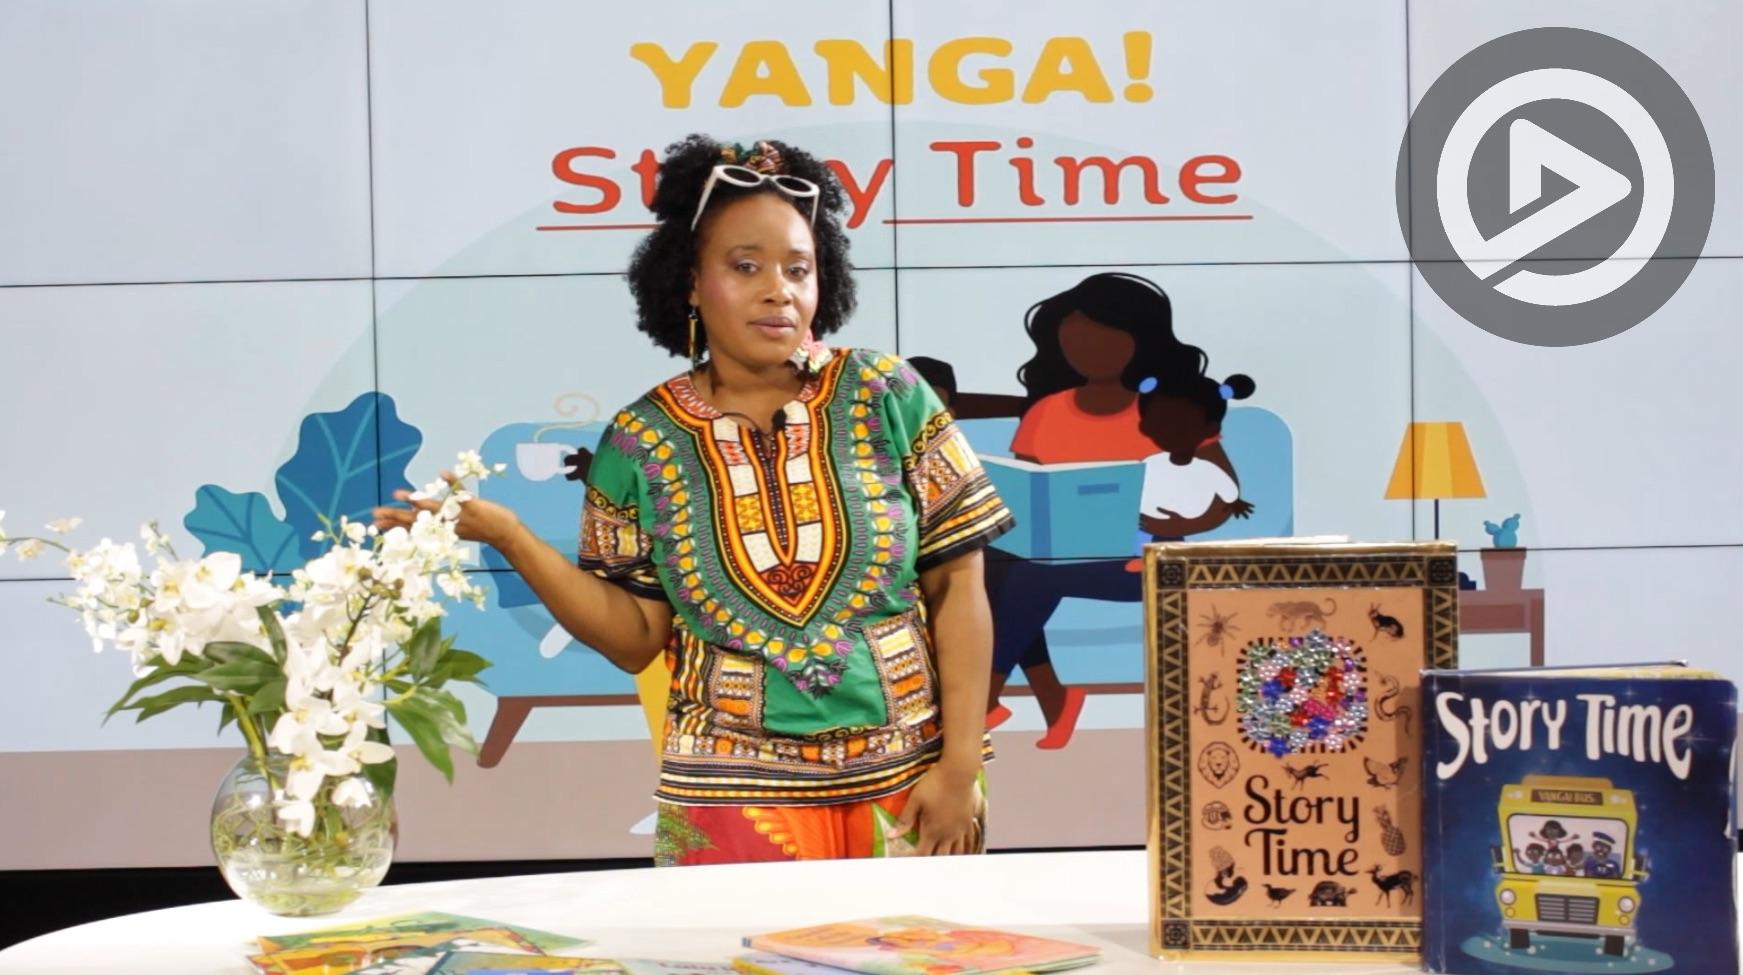 YANGA! Storytime